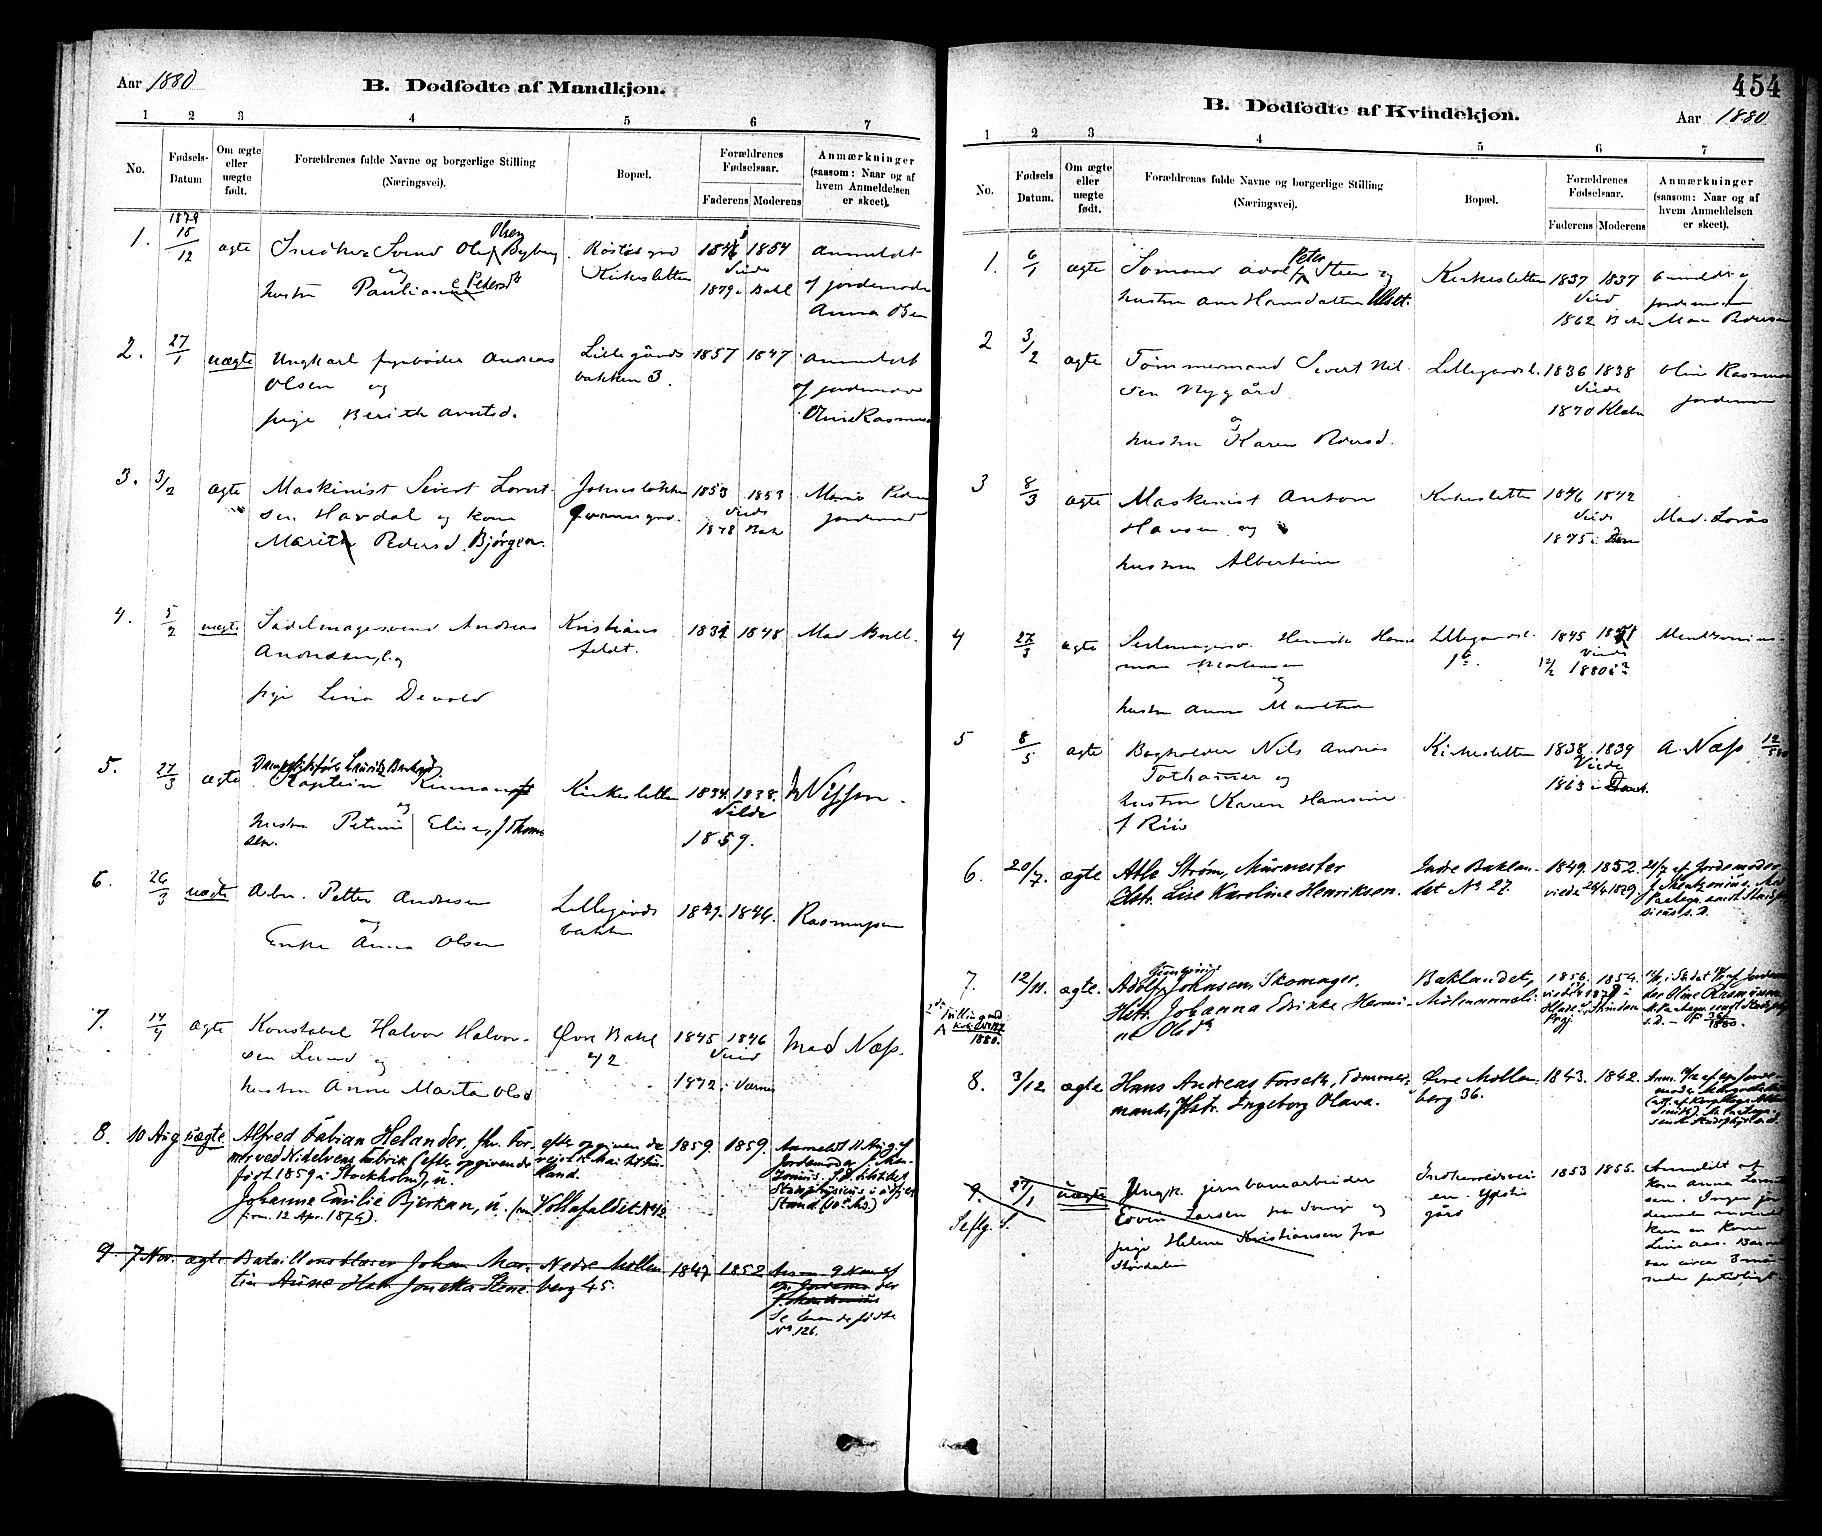 SAT, Ministerialprotokoller, klokkerbøker og fødselsregistre - Sør-Trøndelag, 604/L0188: Ministerialbok nr. 604A09, 1878-1892, s. 454